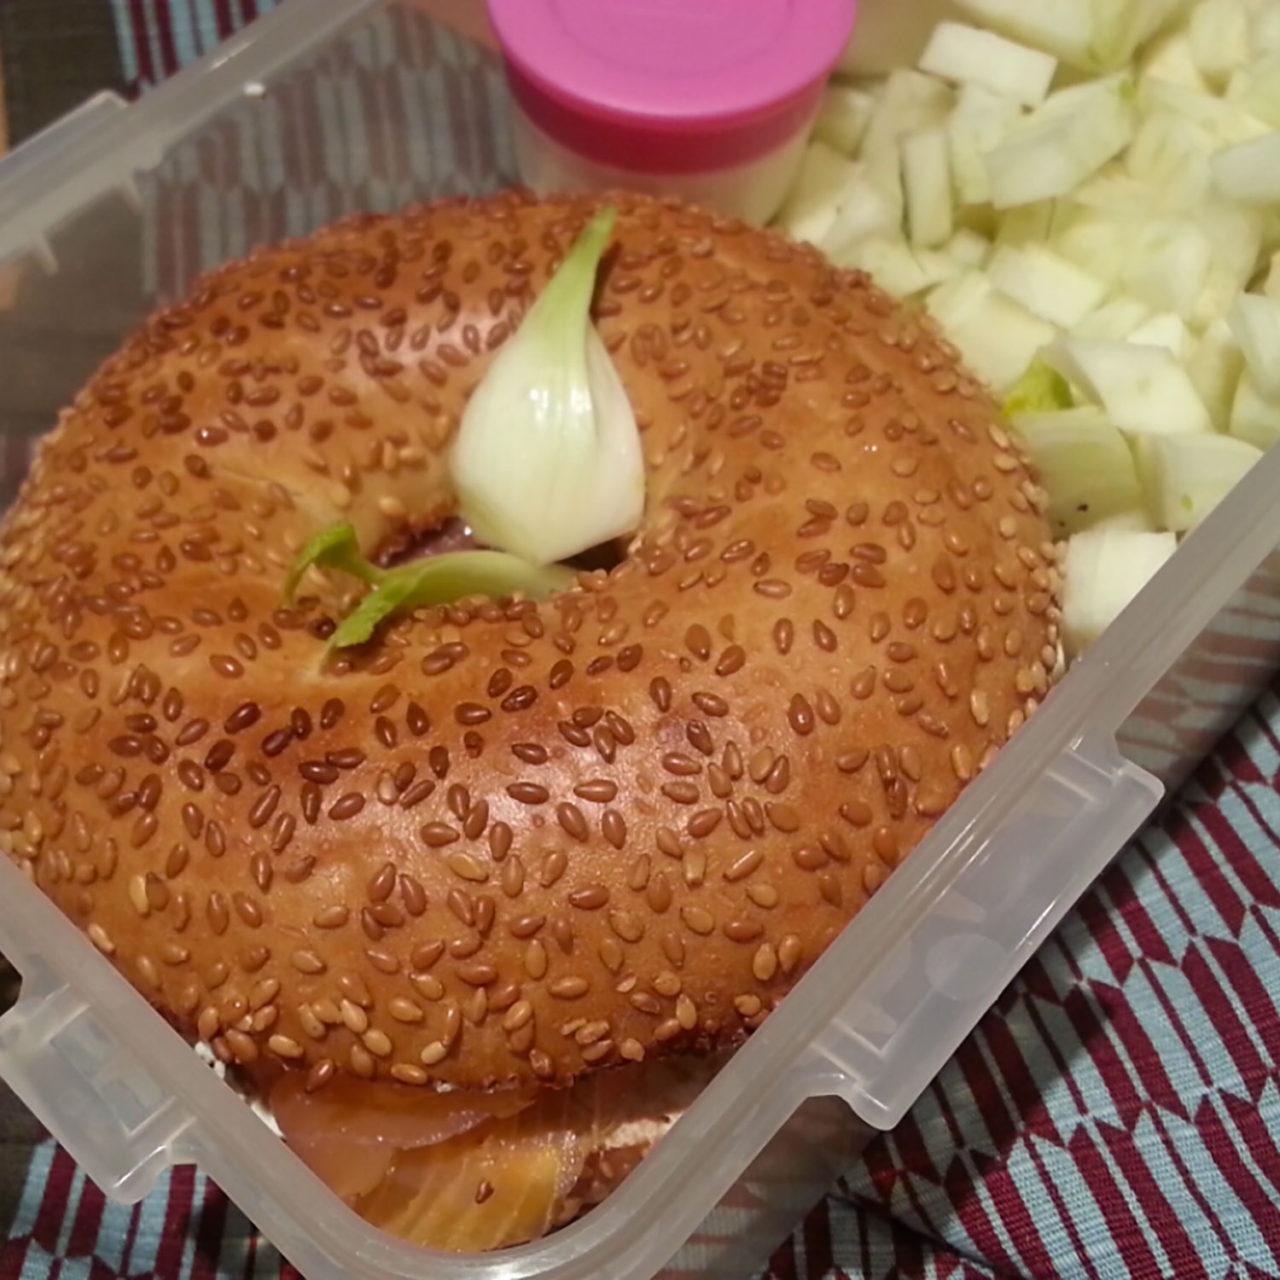 lunchbox #5 – Bagel